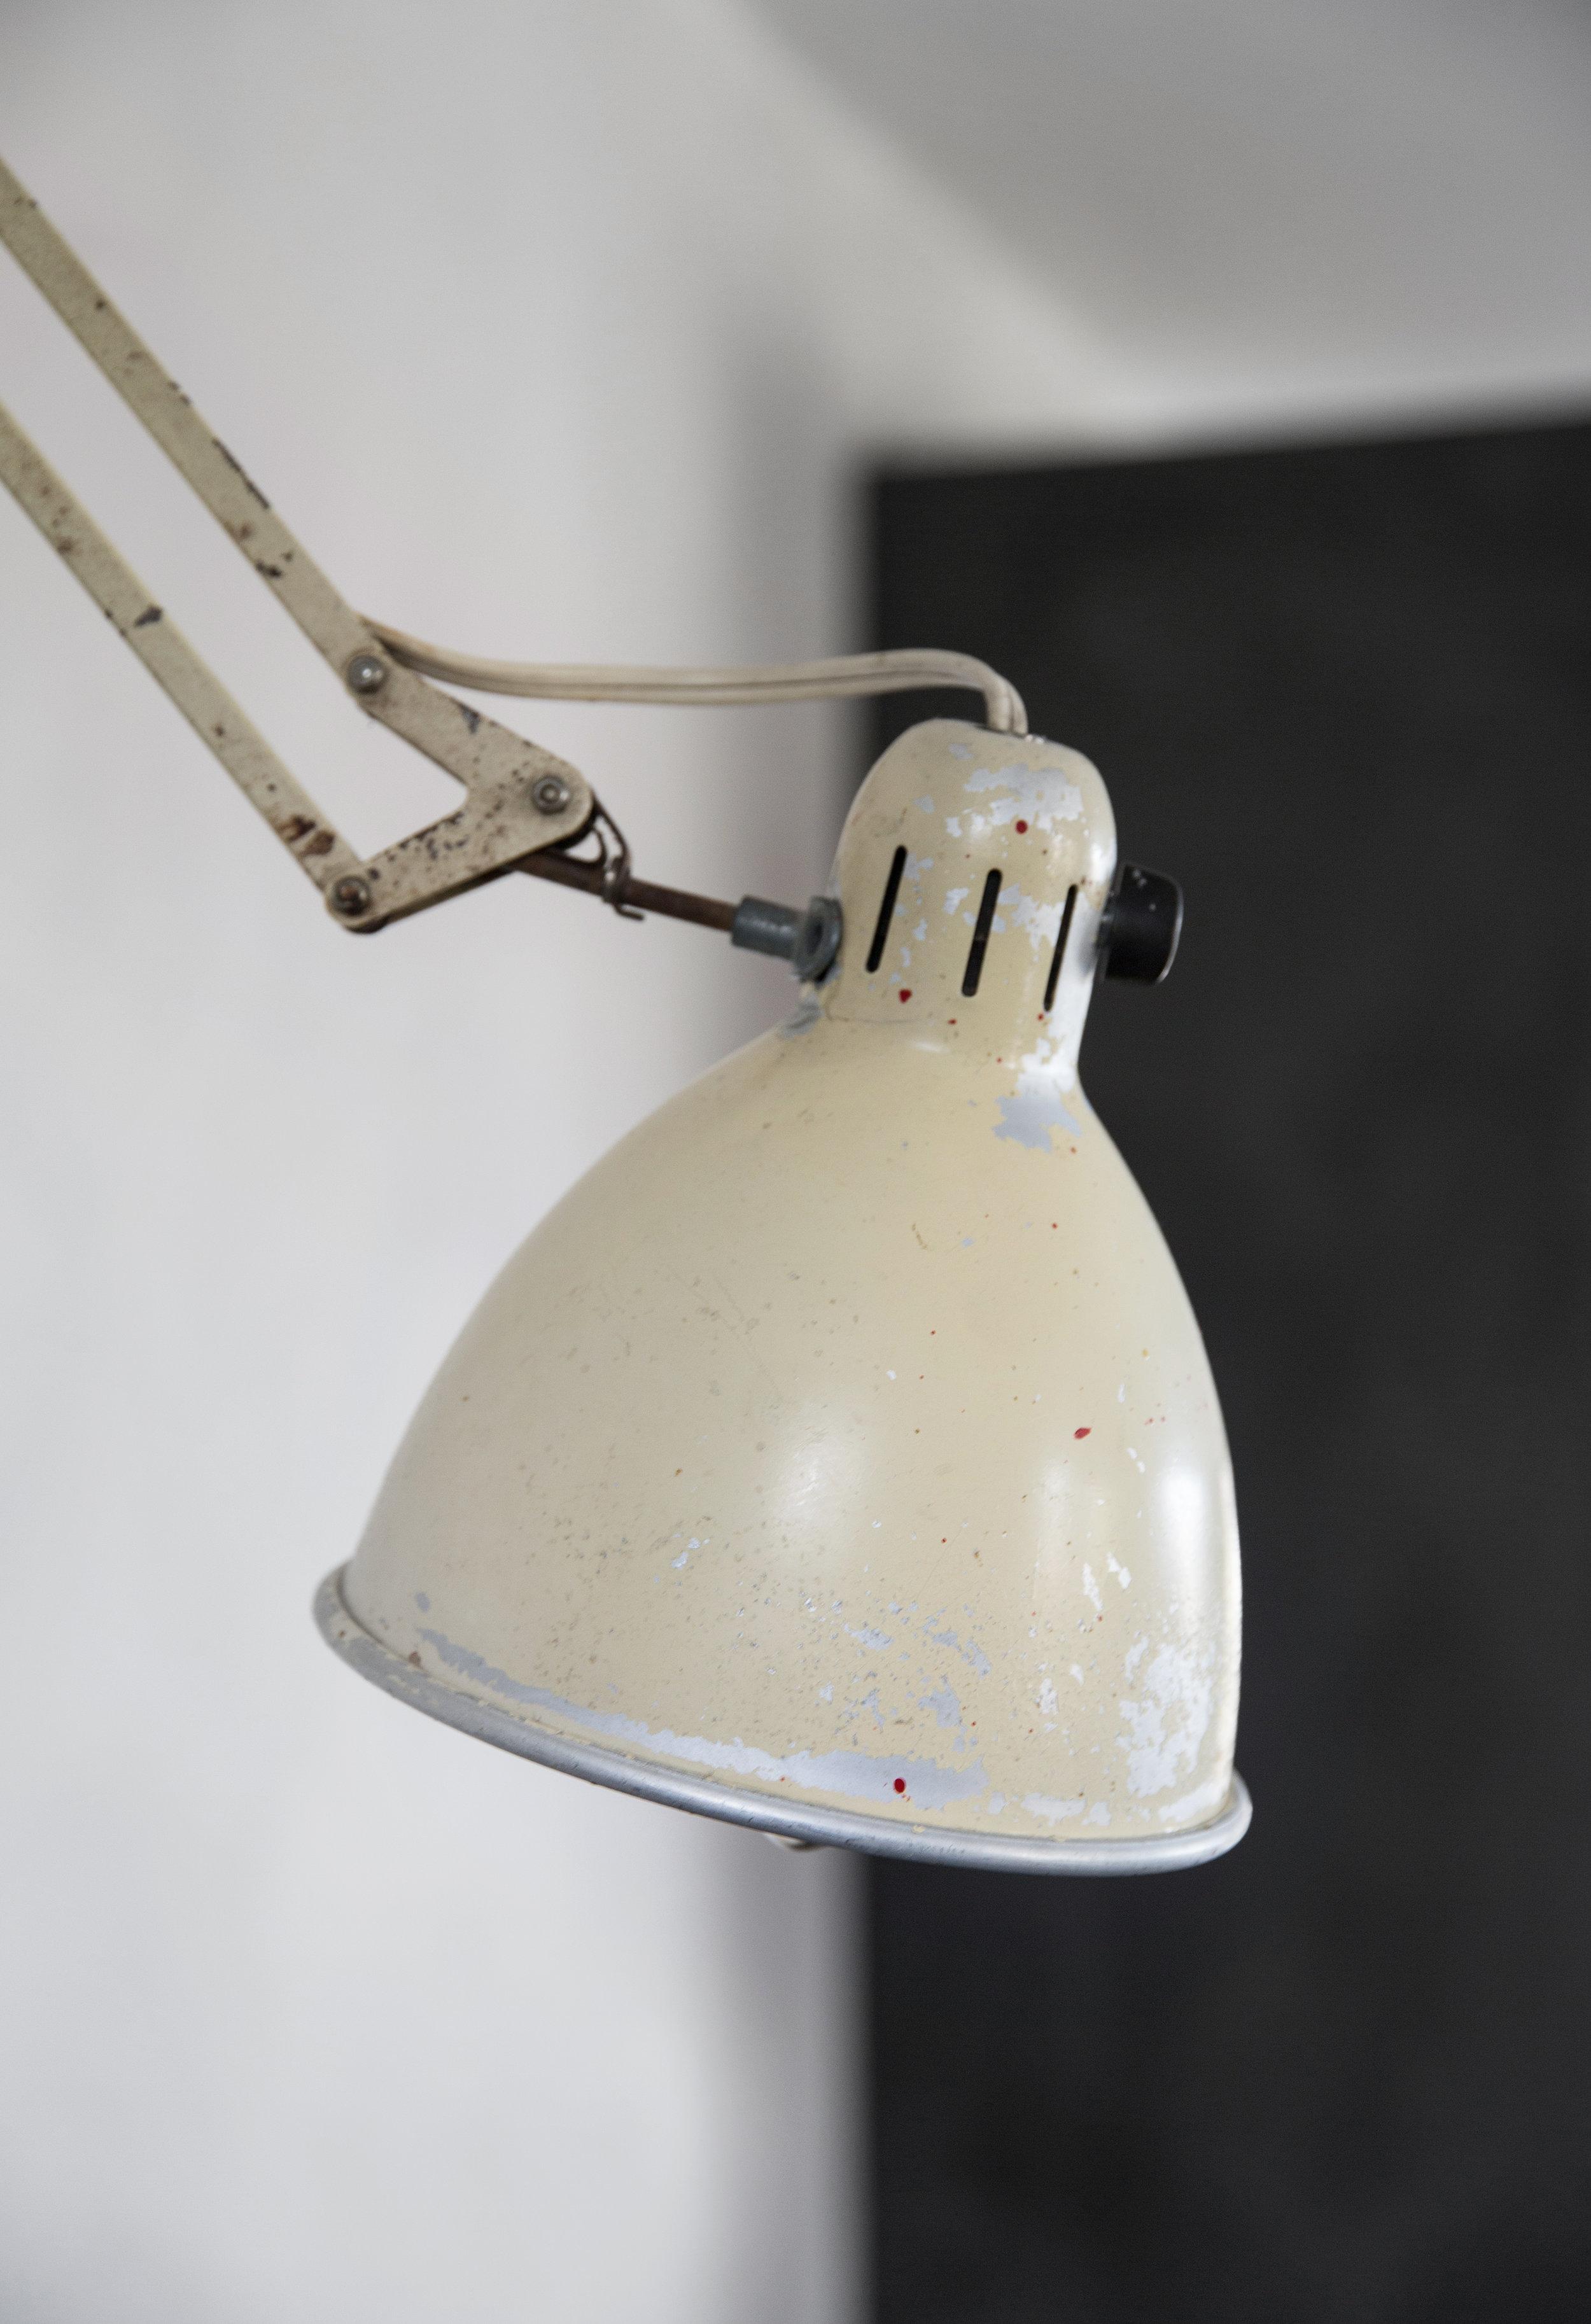 En gammel arkitektlampe, et loppisfunn fra Sverige, er fint som arbeidslys over kjøkkenbenken.